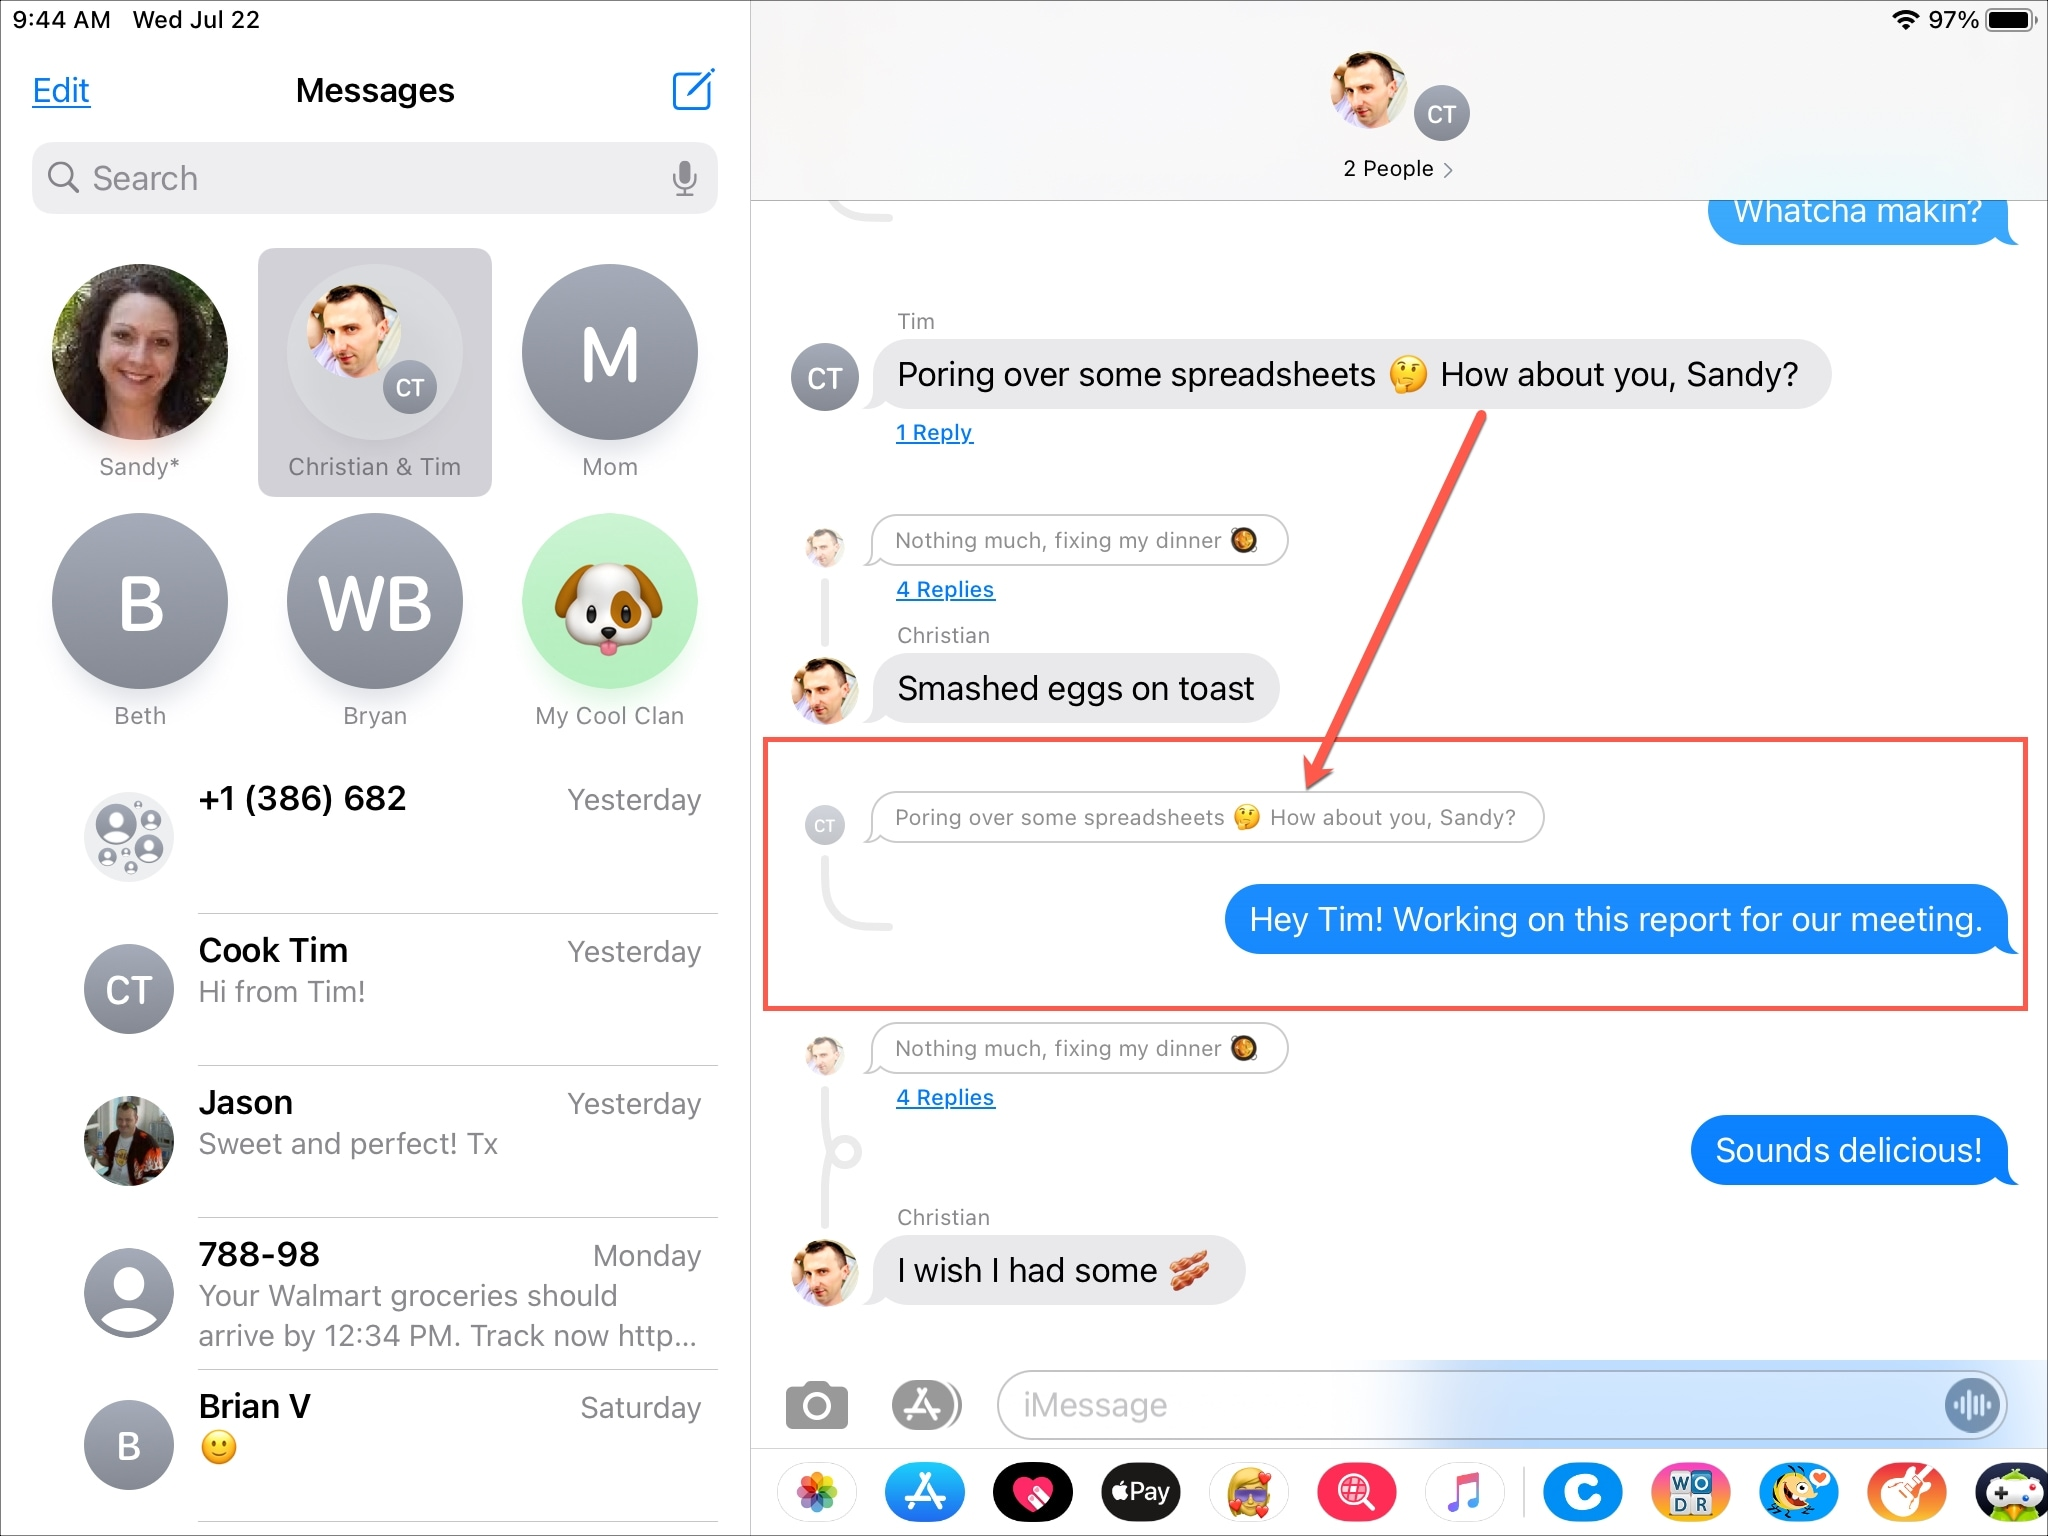 Vista de conversación de respuesta integrada de mensajes en iPad